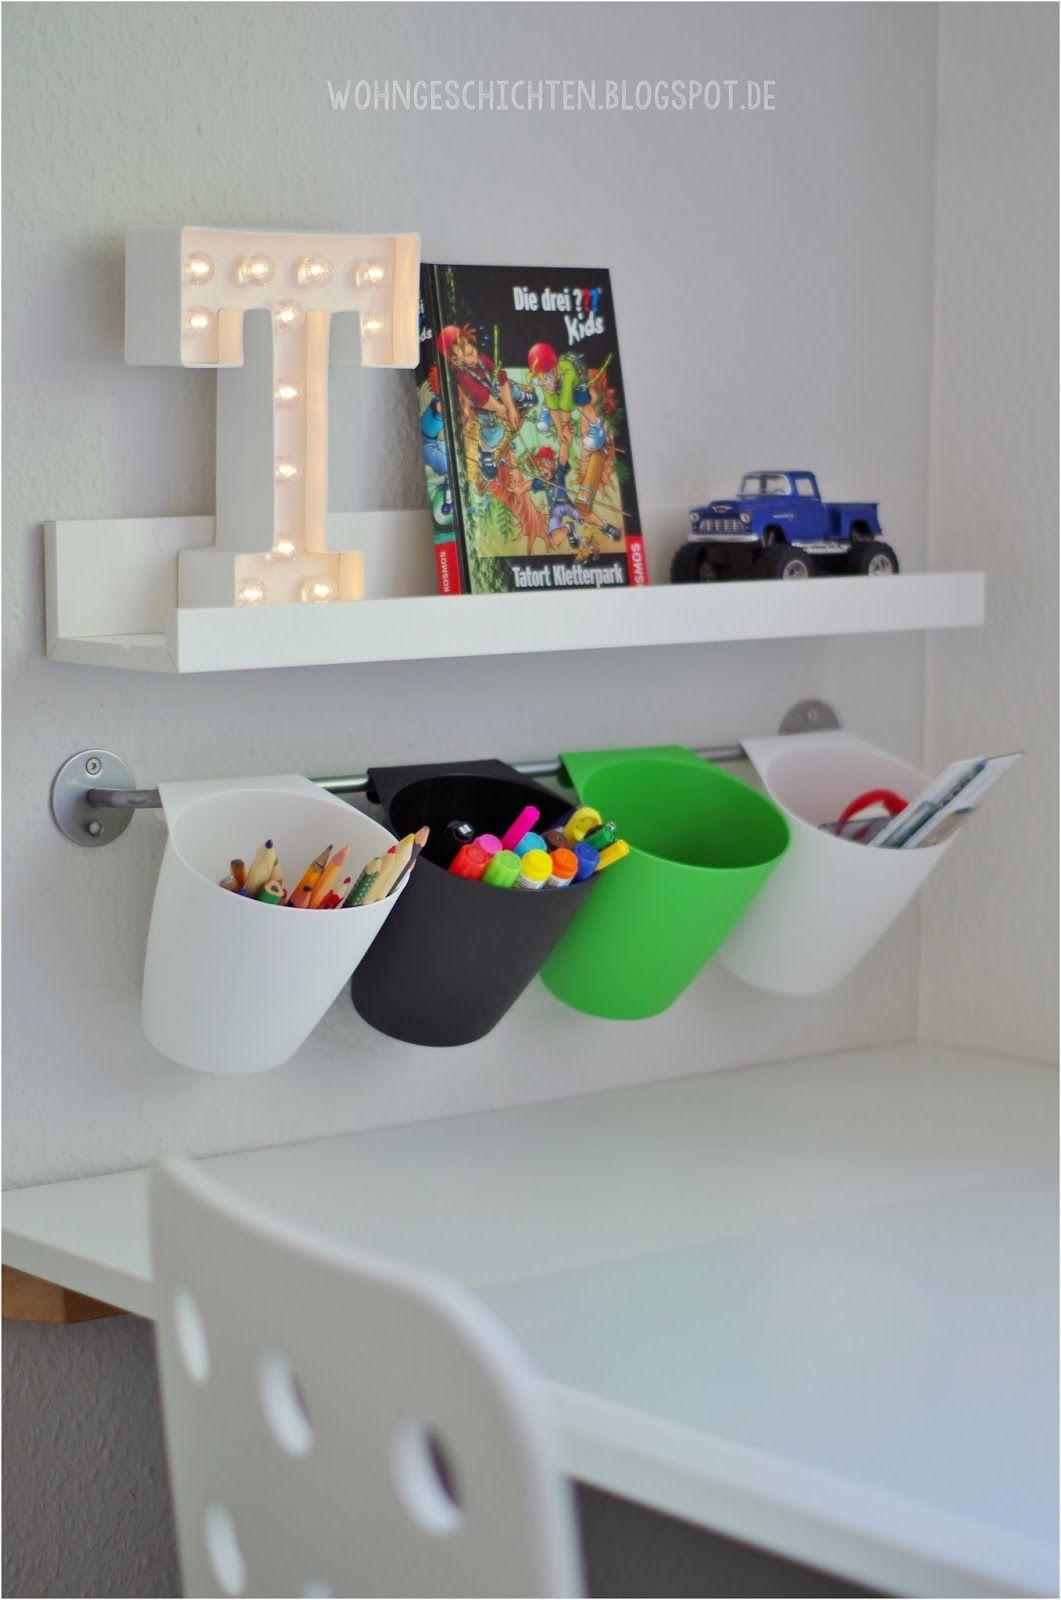 Kinderzimmer Mit Schreibtisch | Hellweg Kinderzimmer Etagenbett Schreibtisch Jugendzimmer Baumarkt